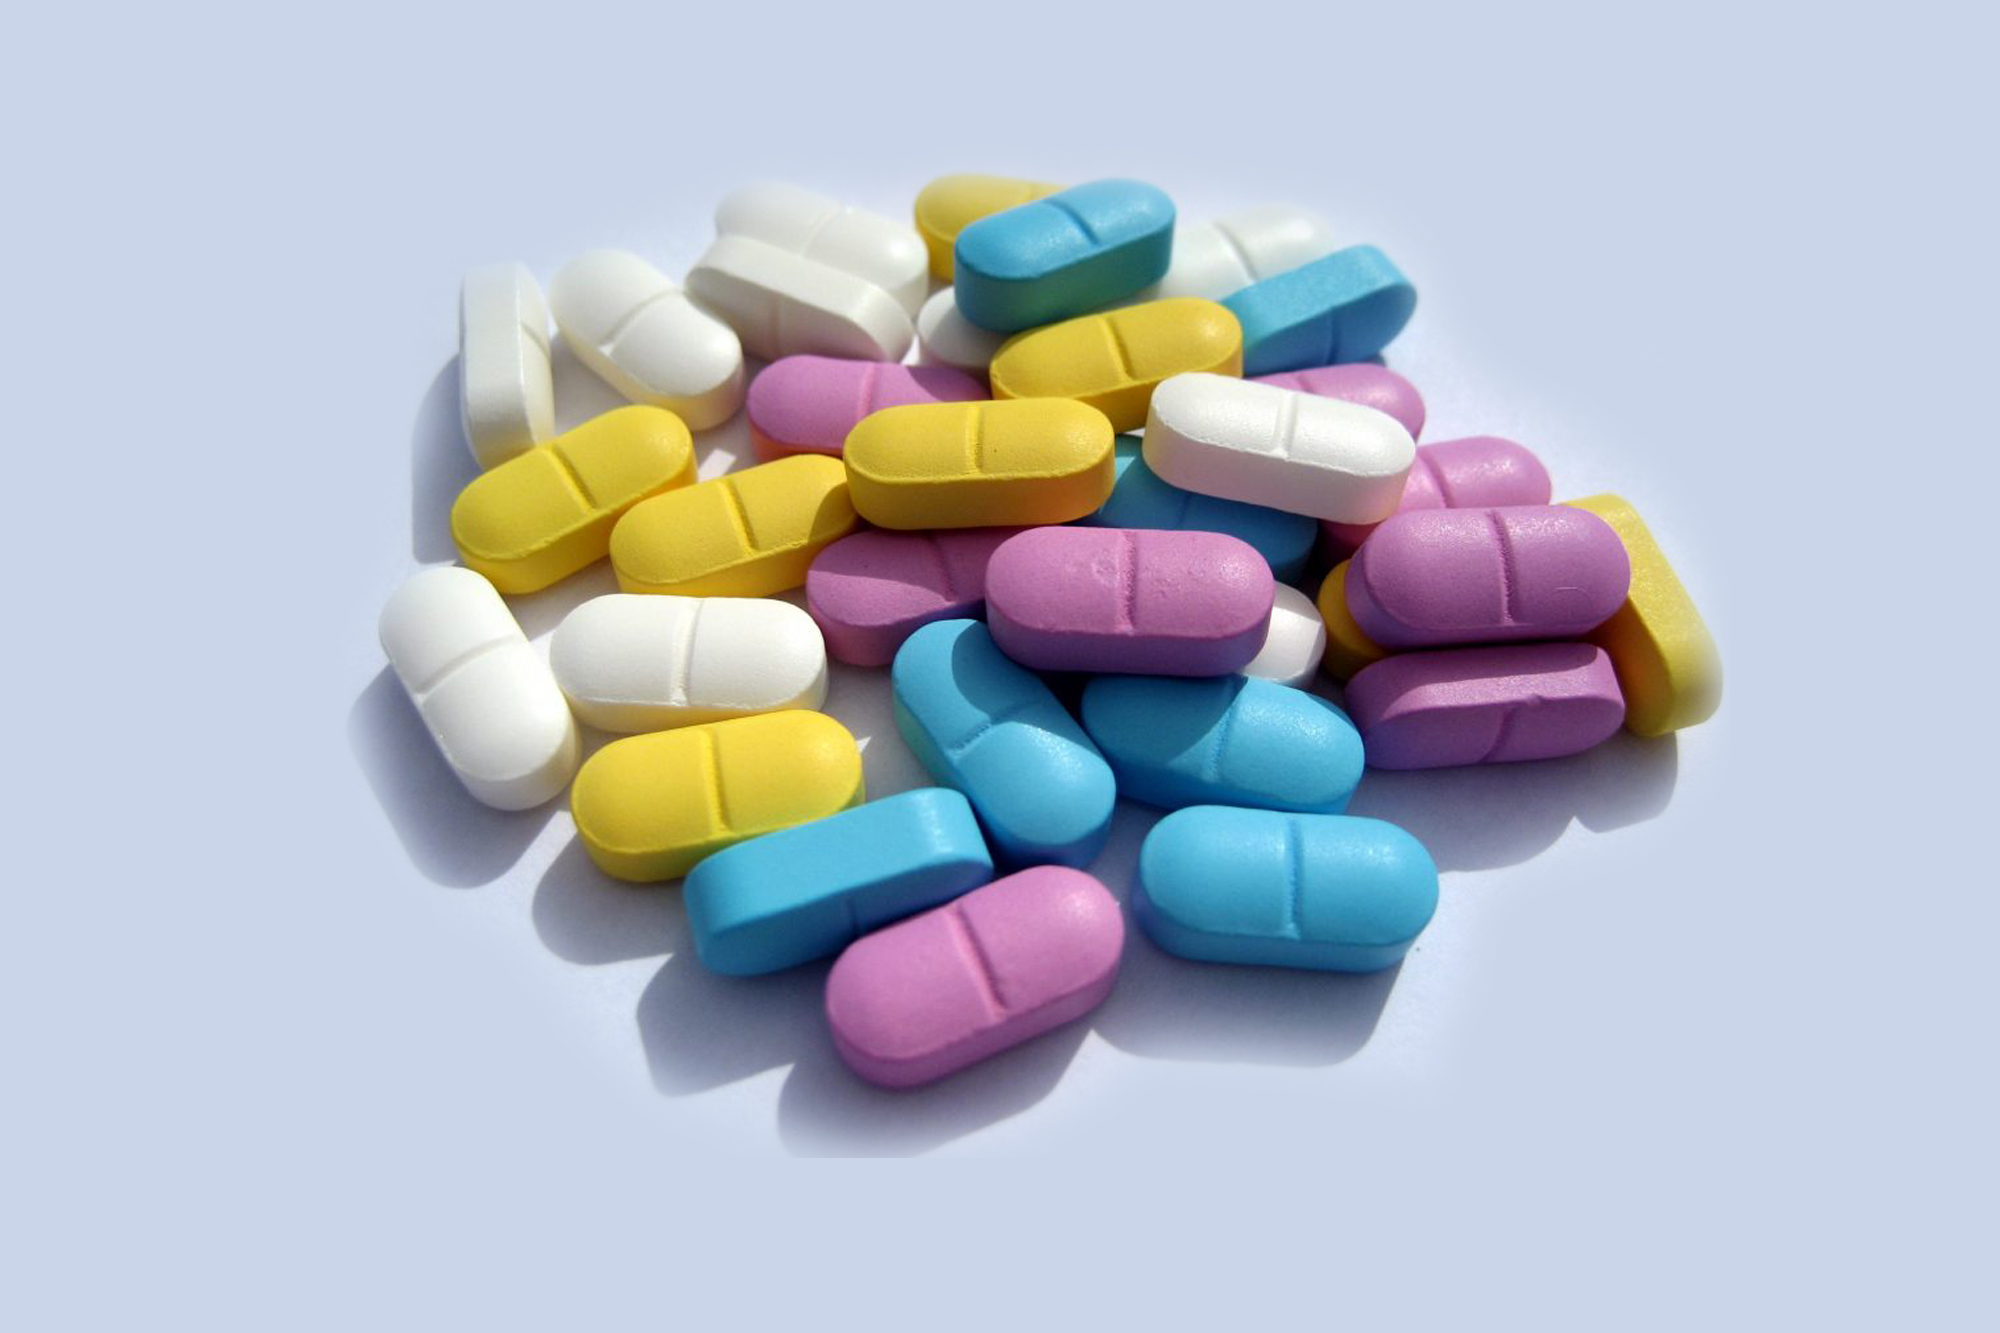 Лечение антибиотиками острых воспалений